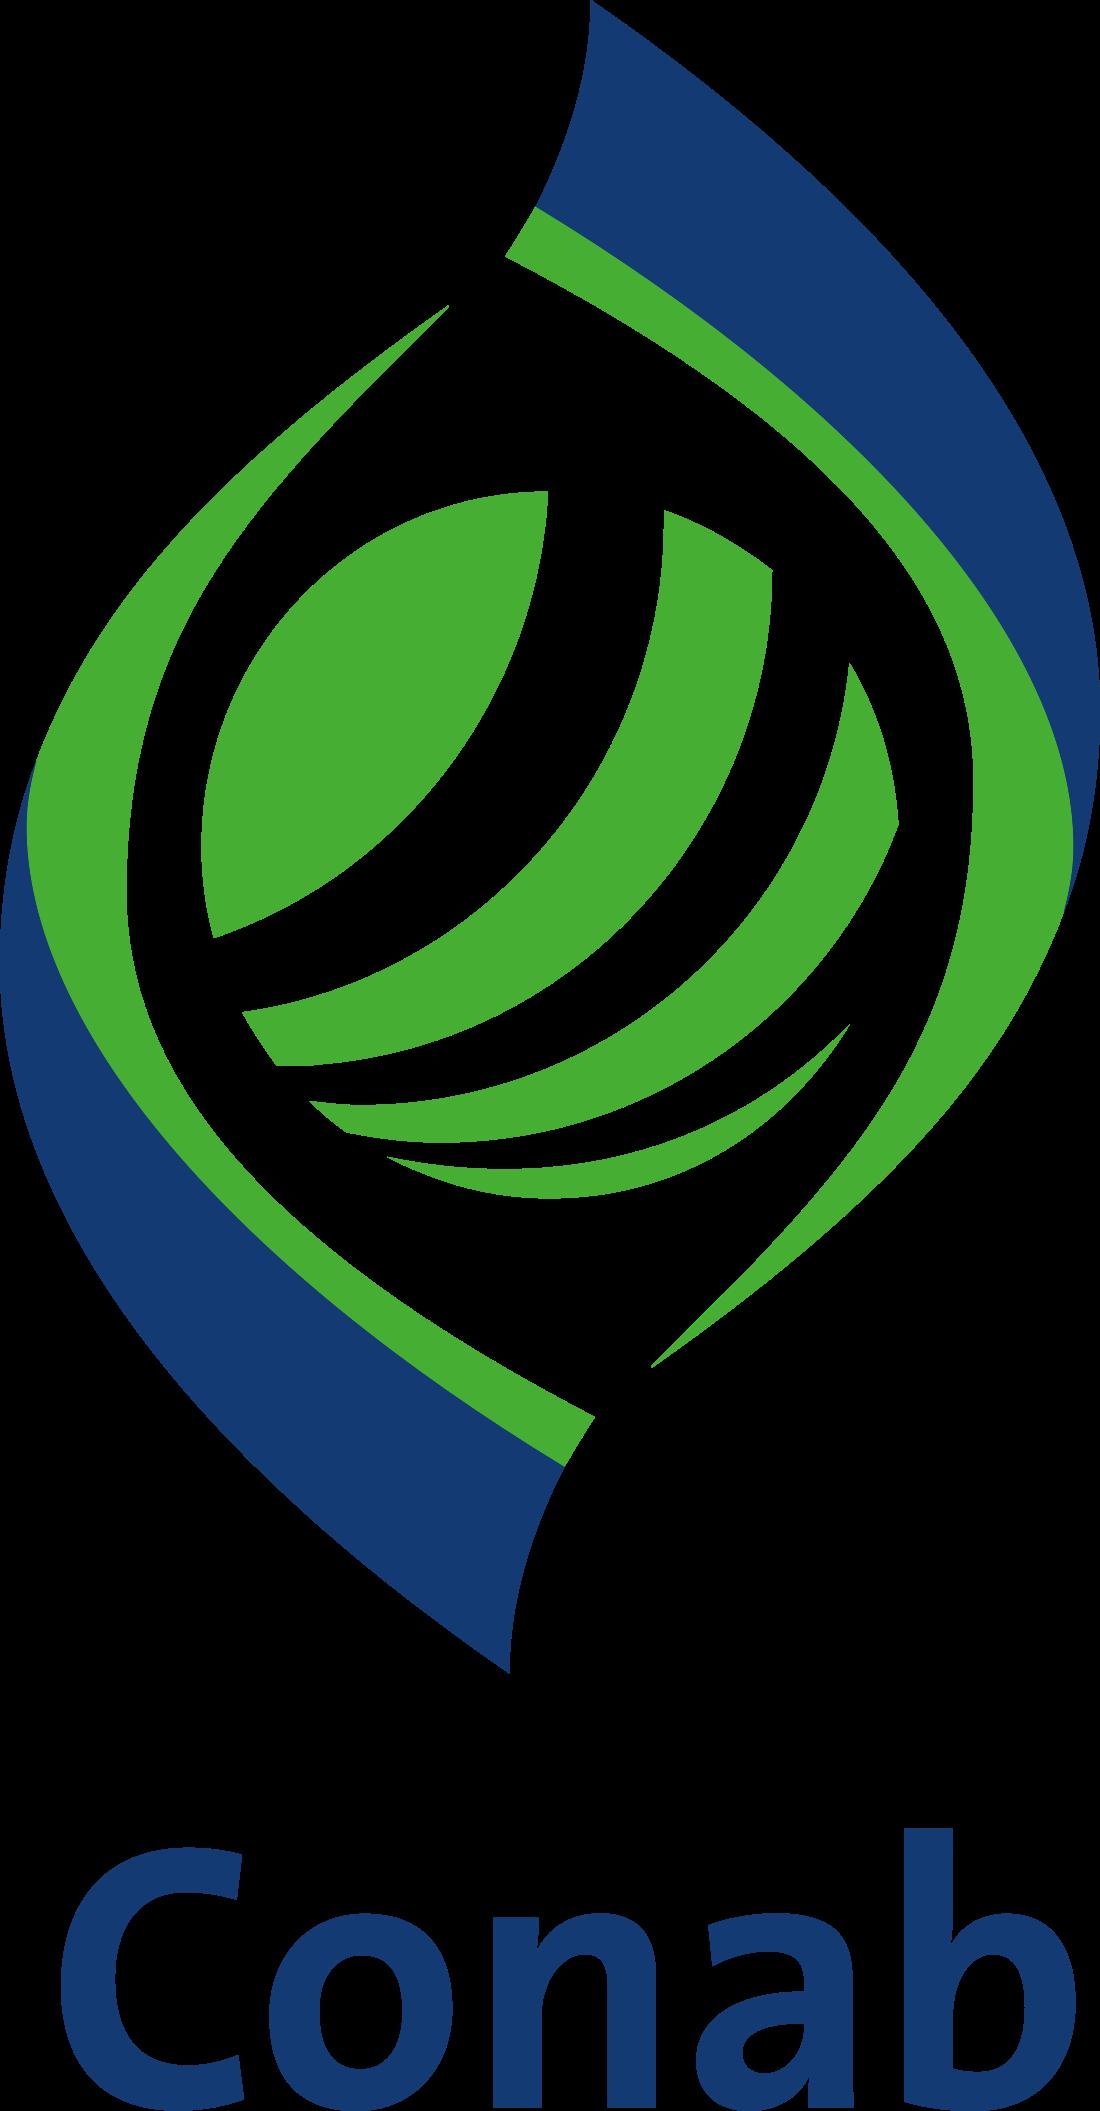 conab logo 7 - Conab Logo - Companhia Nacional de Abastecimento Logo